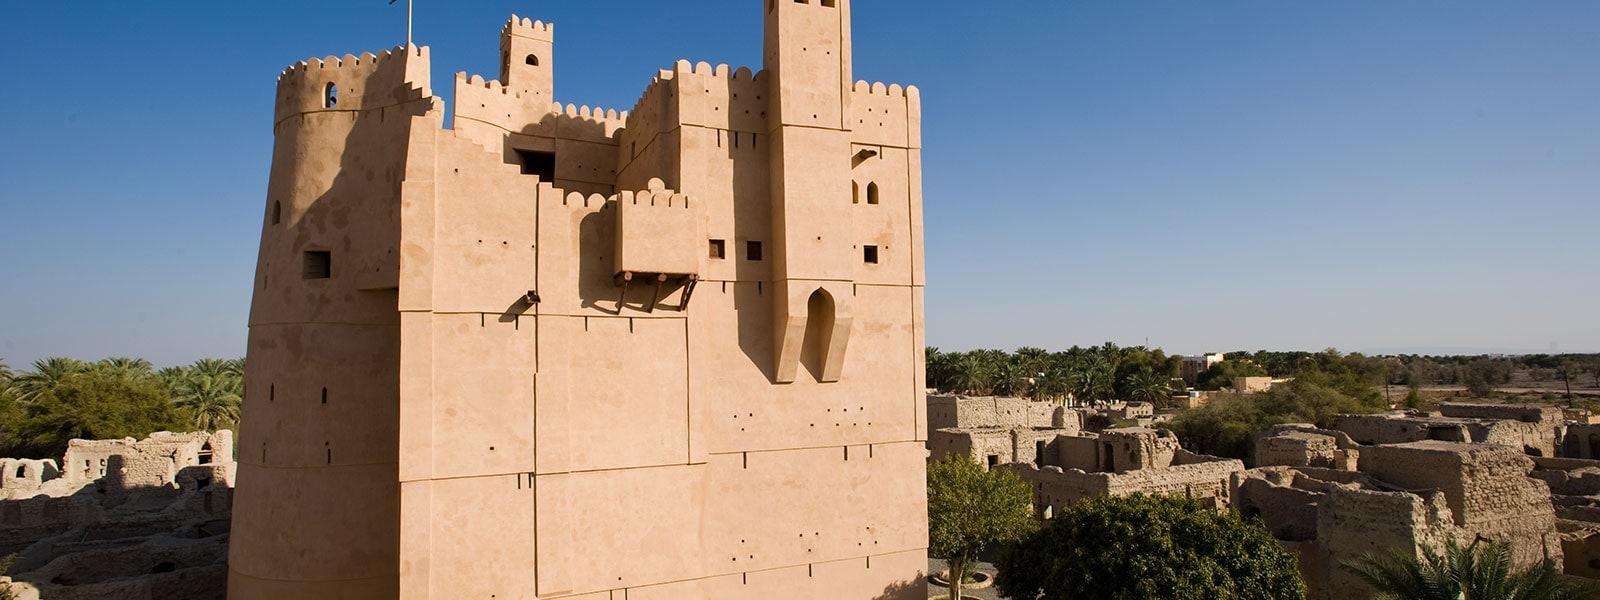 Ad Dakhiliyah Al Fiqayn Fort Oman 1